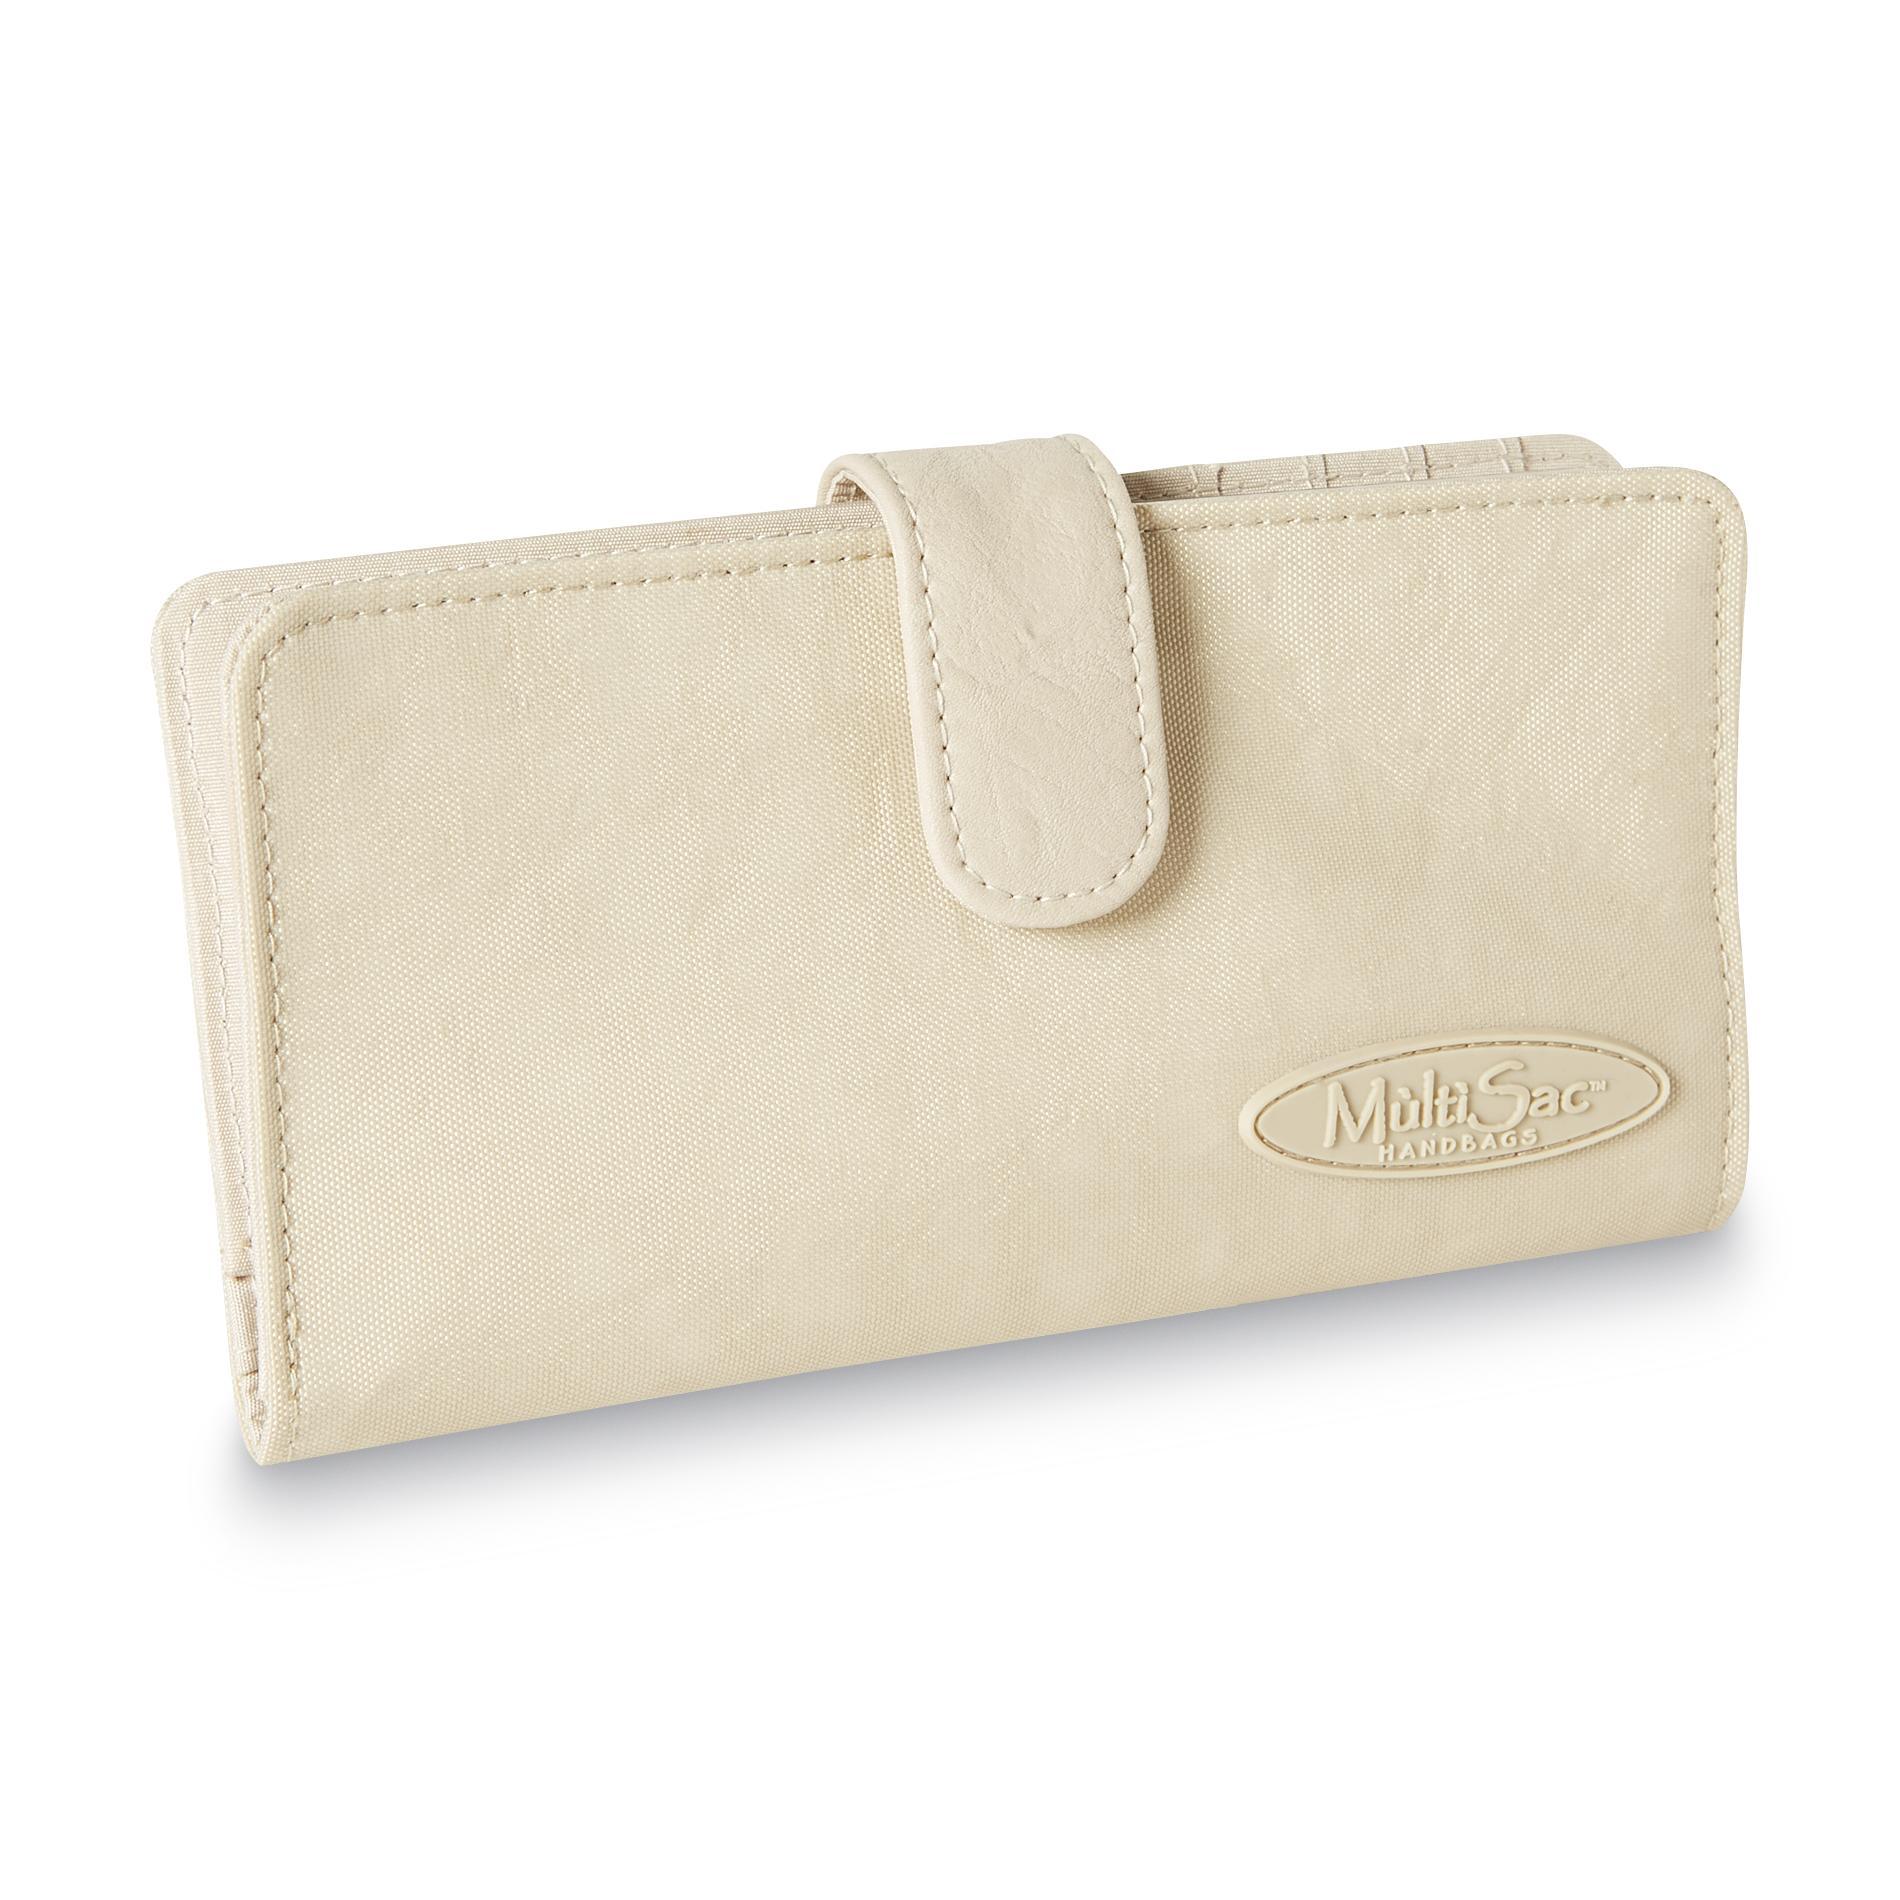 MultiSac Women's Nylon Checkbook Cover PartNumber: 08884820099P KsnValue: 8418424 MfgPartNumber: W211CRS